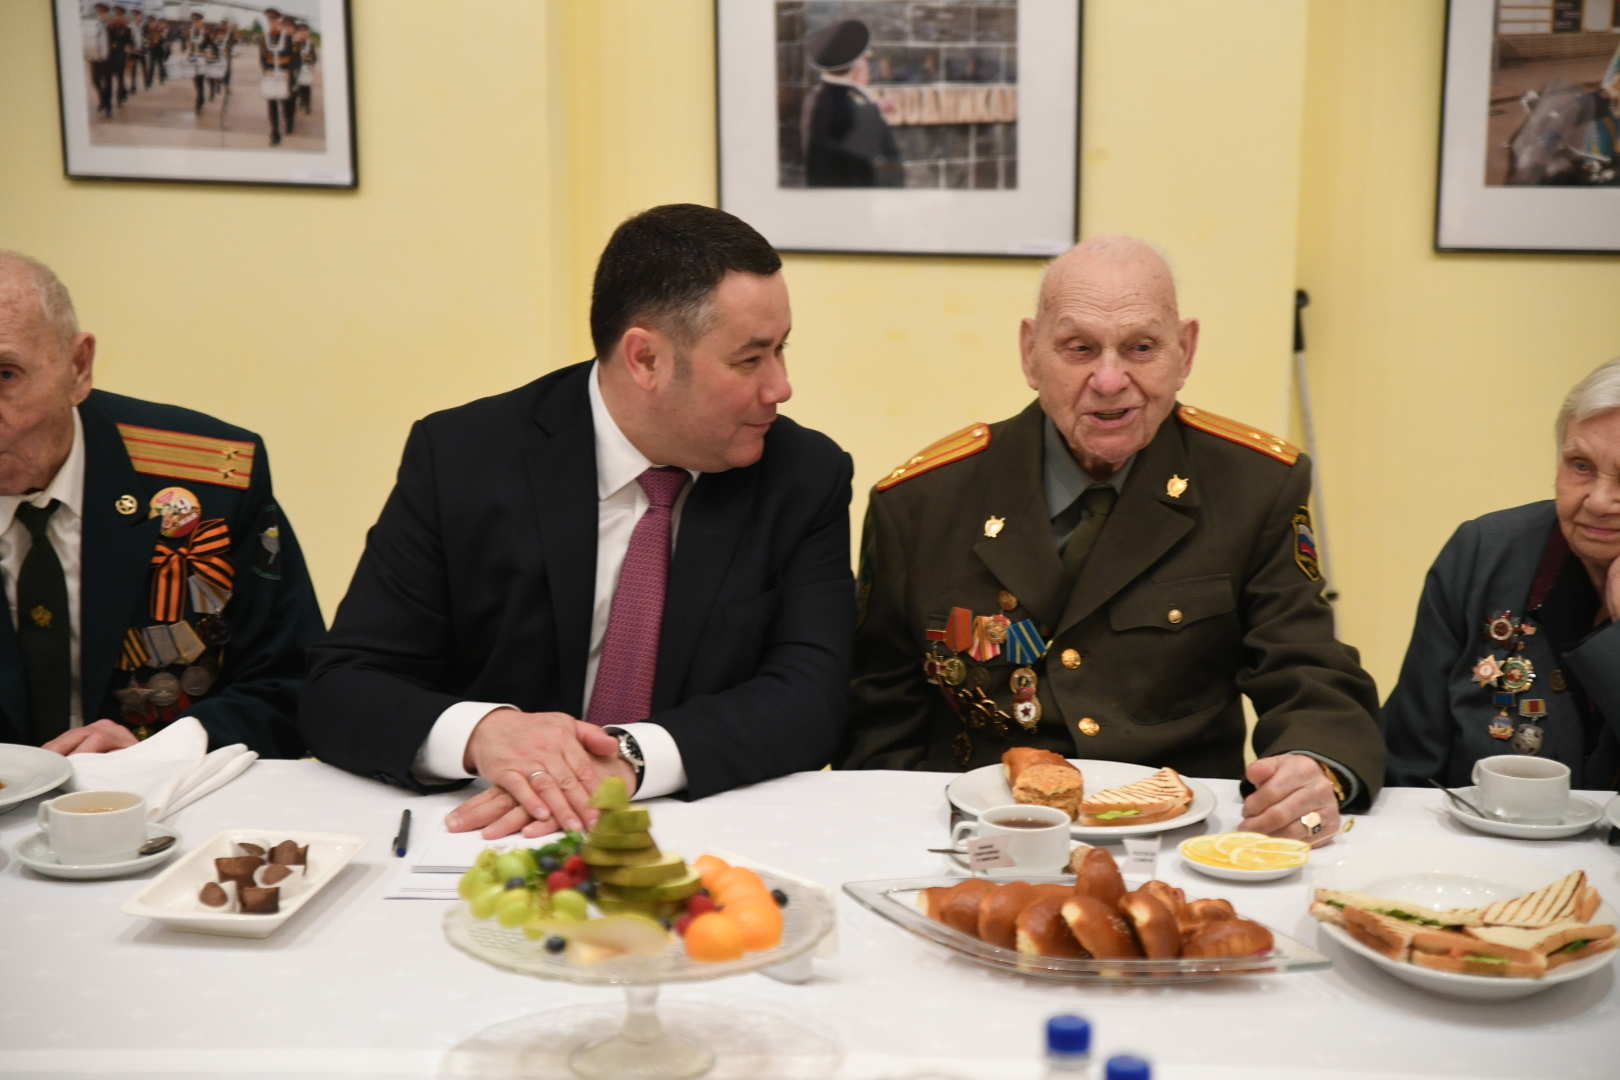 Игорь Руденя обсудил с ветеранами Верхневолжья подготовку к празднованию 75-летия Победы